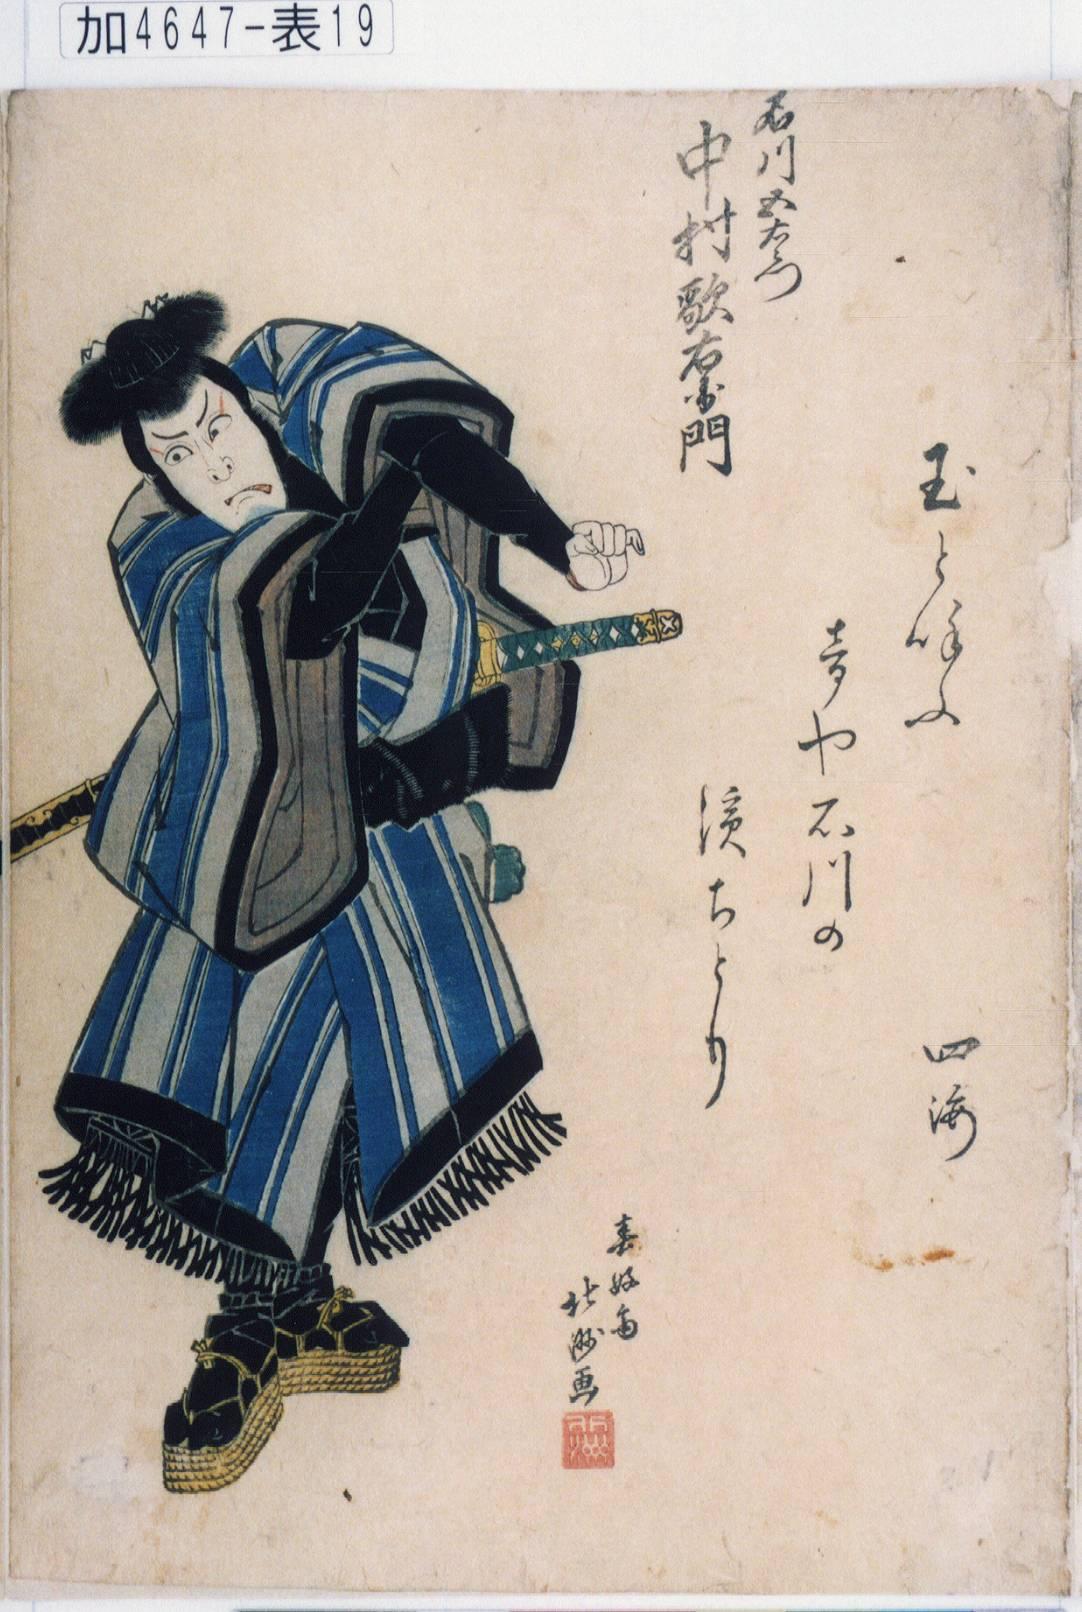 Shunkosai Hokushu: 「石川五右衛門 中村歌右衛門」 - Tokyo ...: ukiyo-e.org/image/metro/ka4647-x019